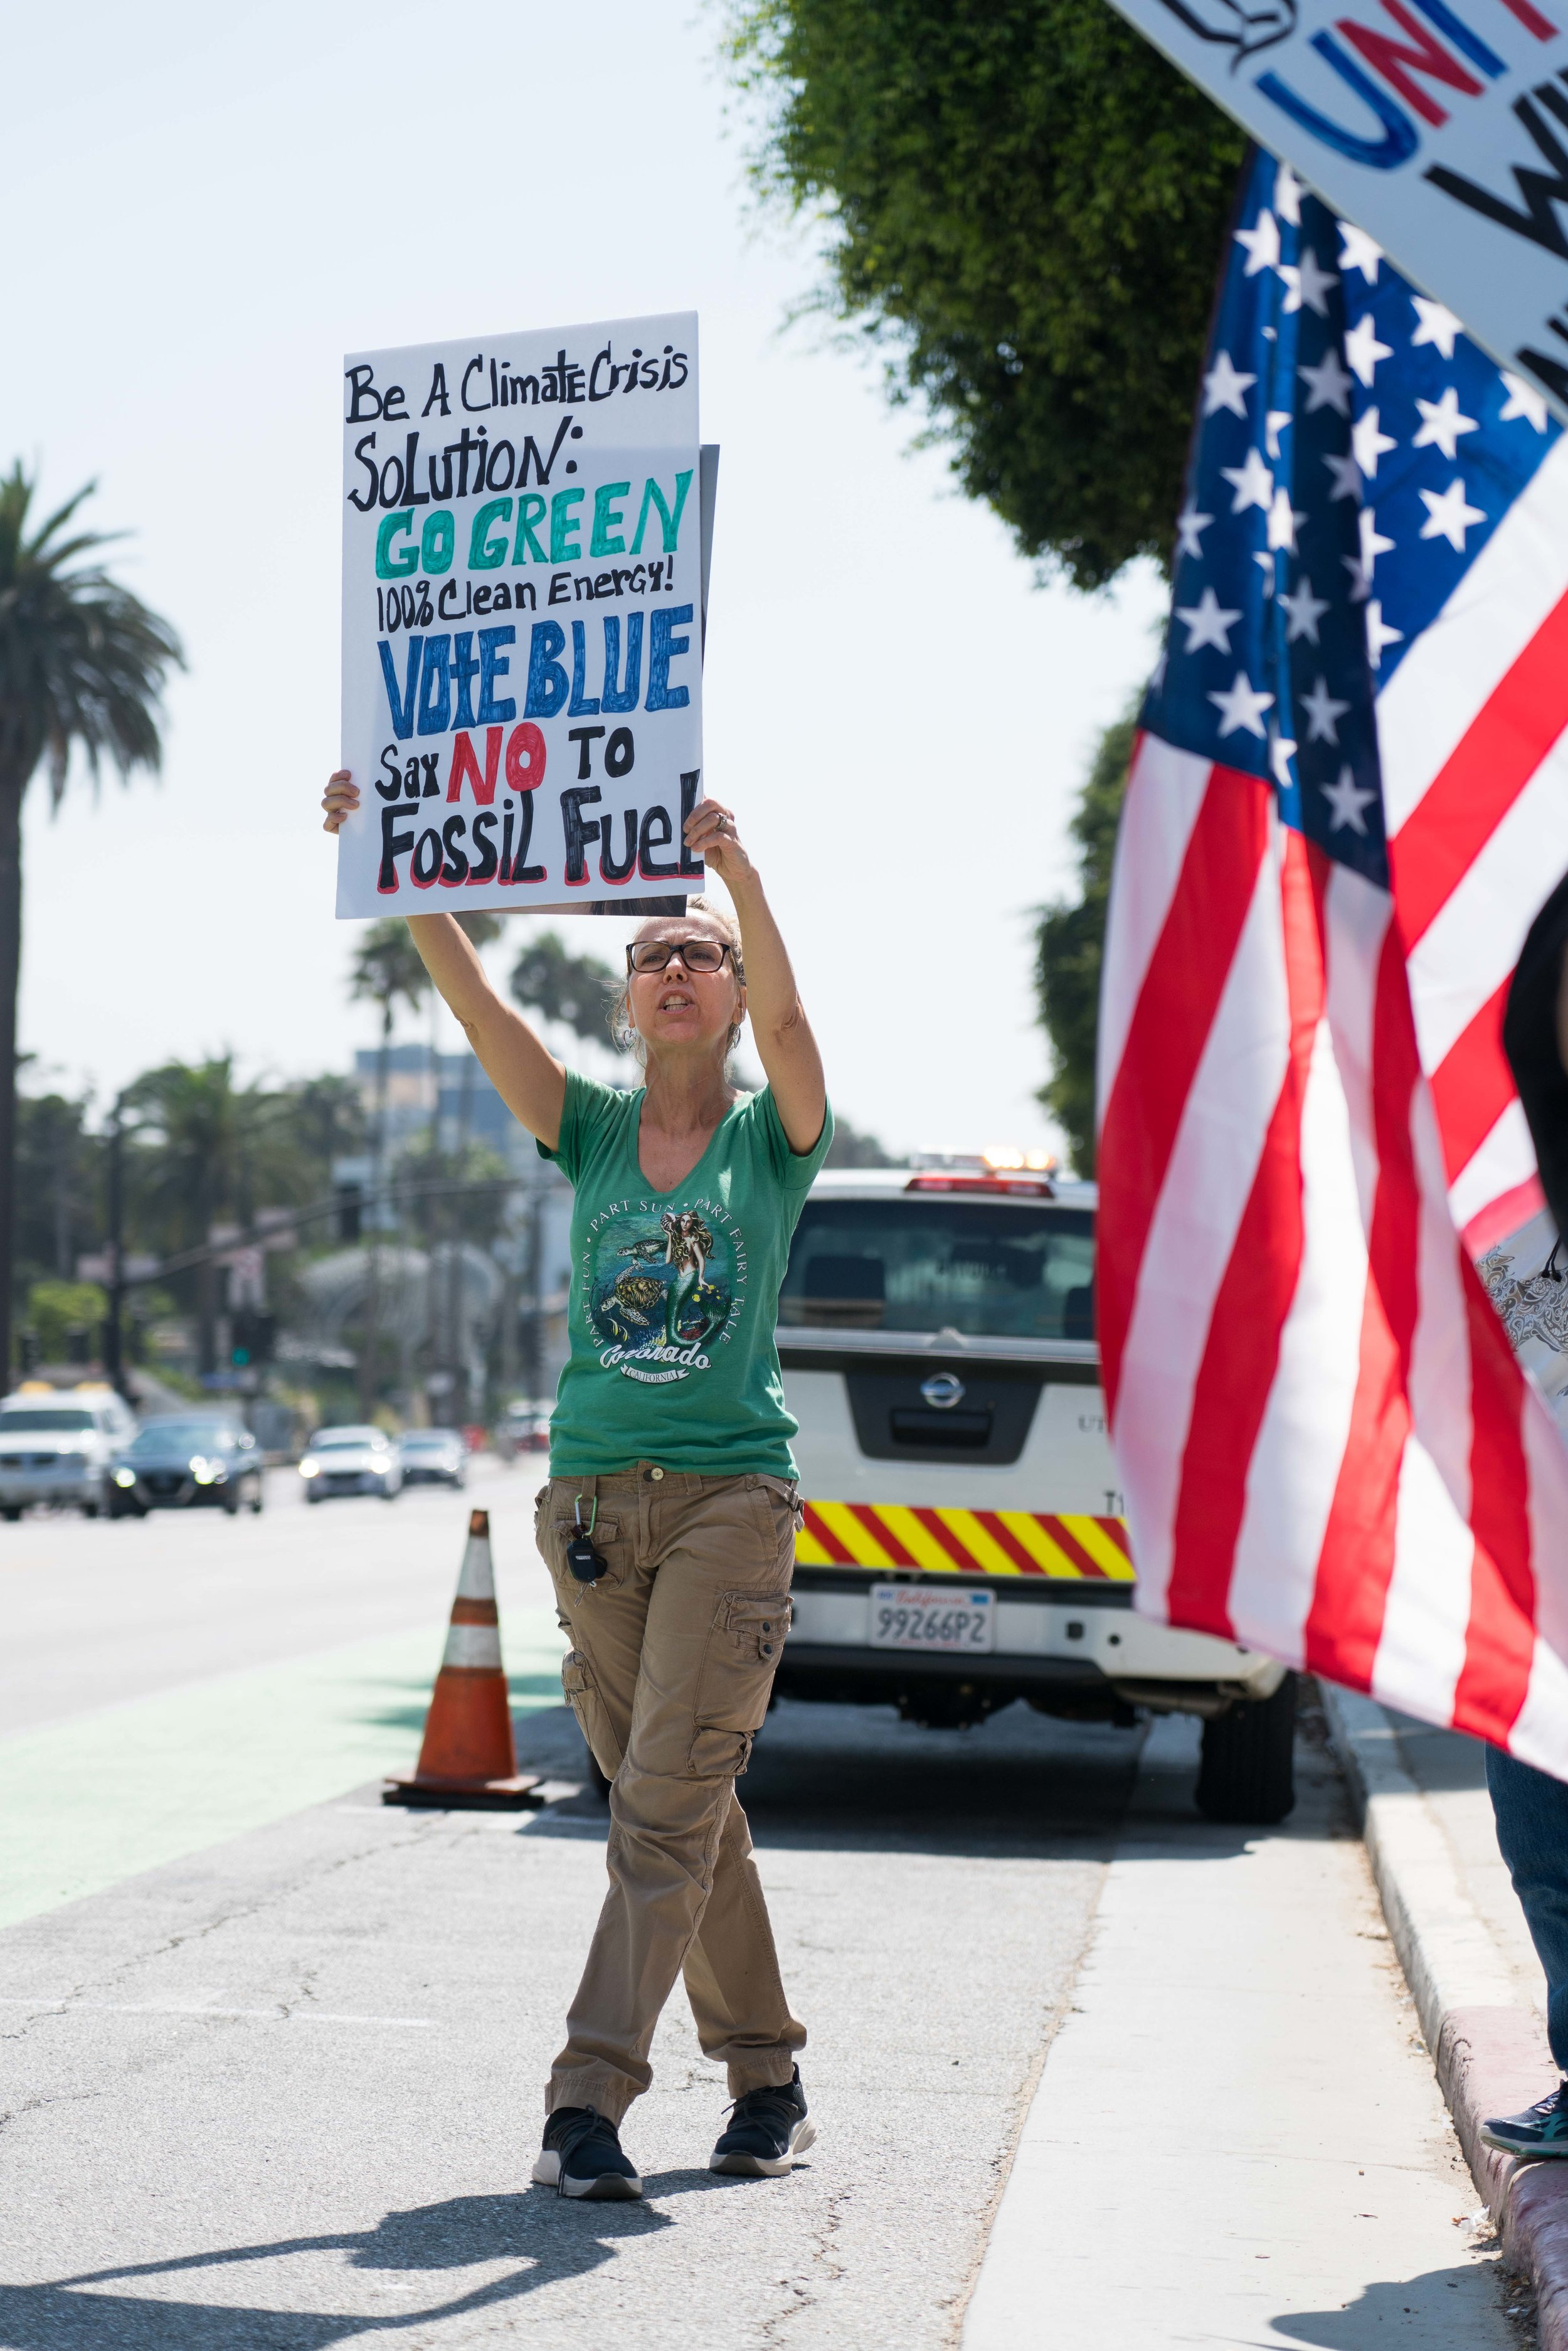 Patriotic Activism